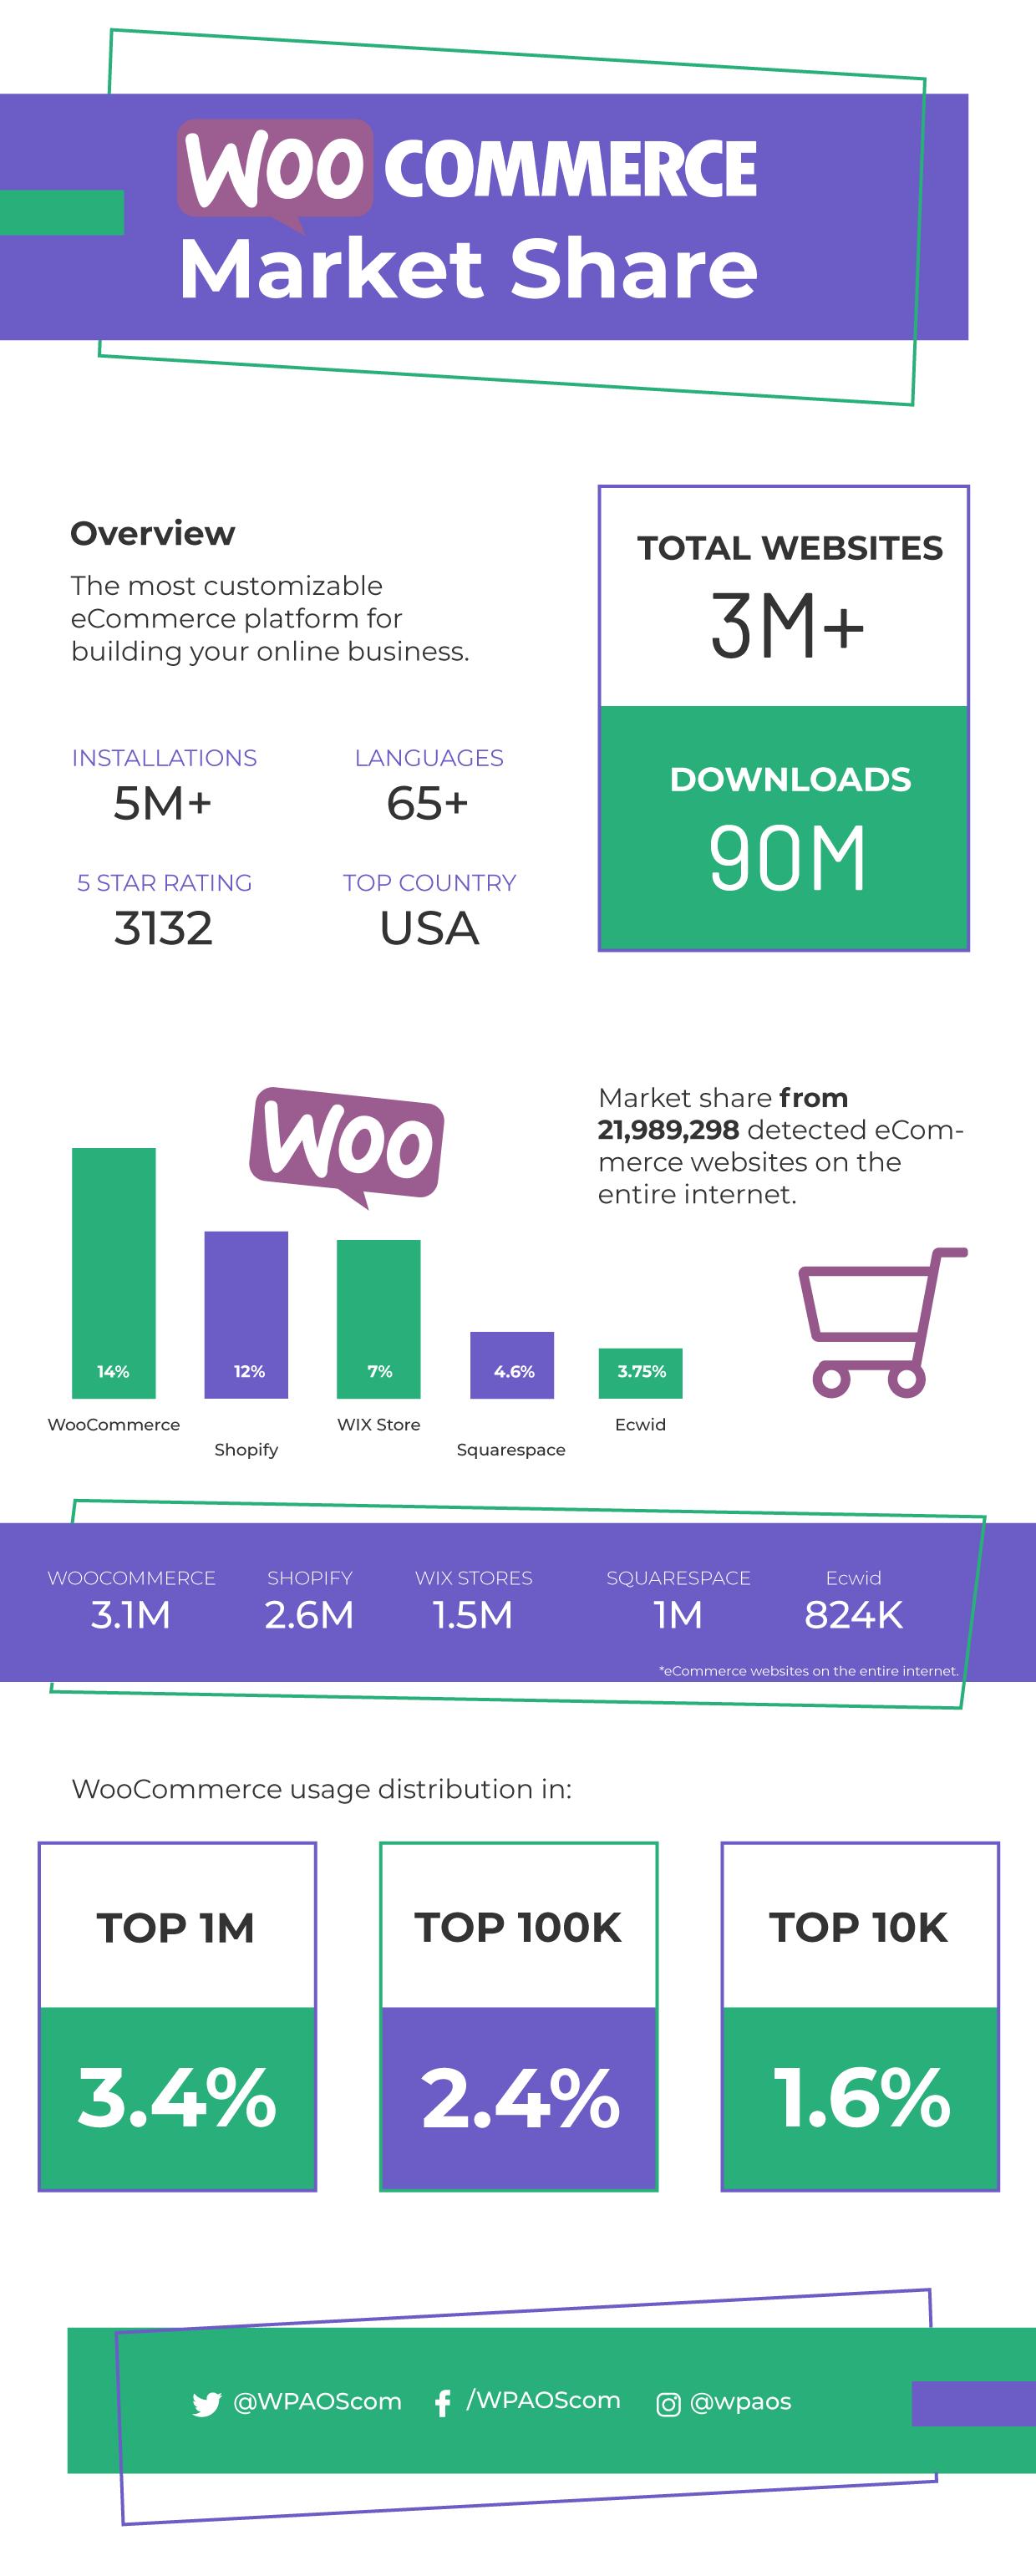 woocommerce market share 2021, ecommerce, wpaos